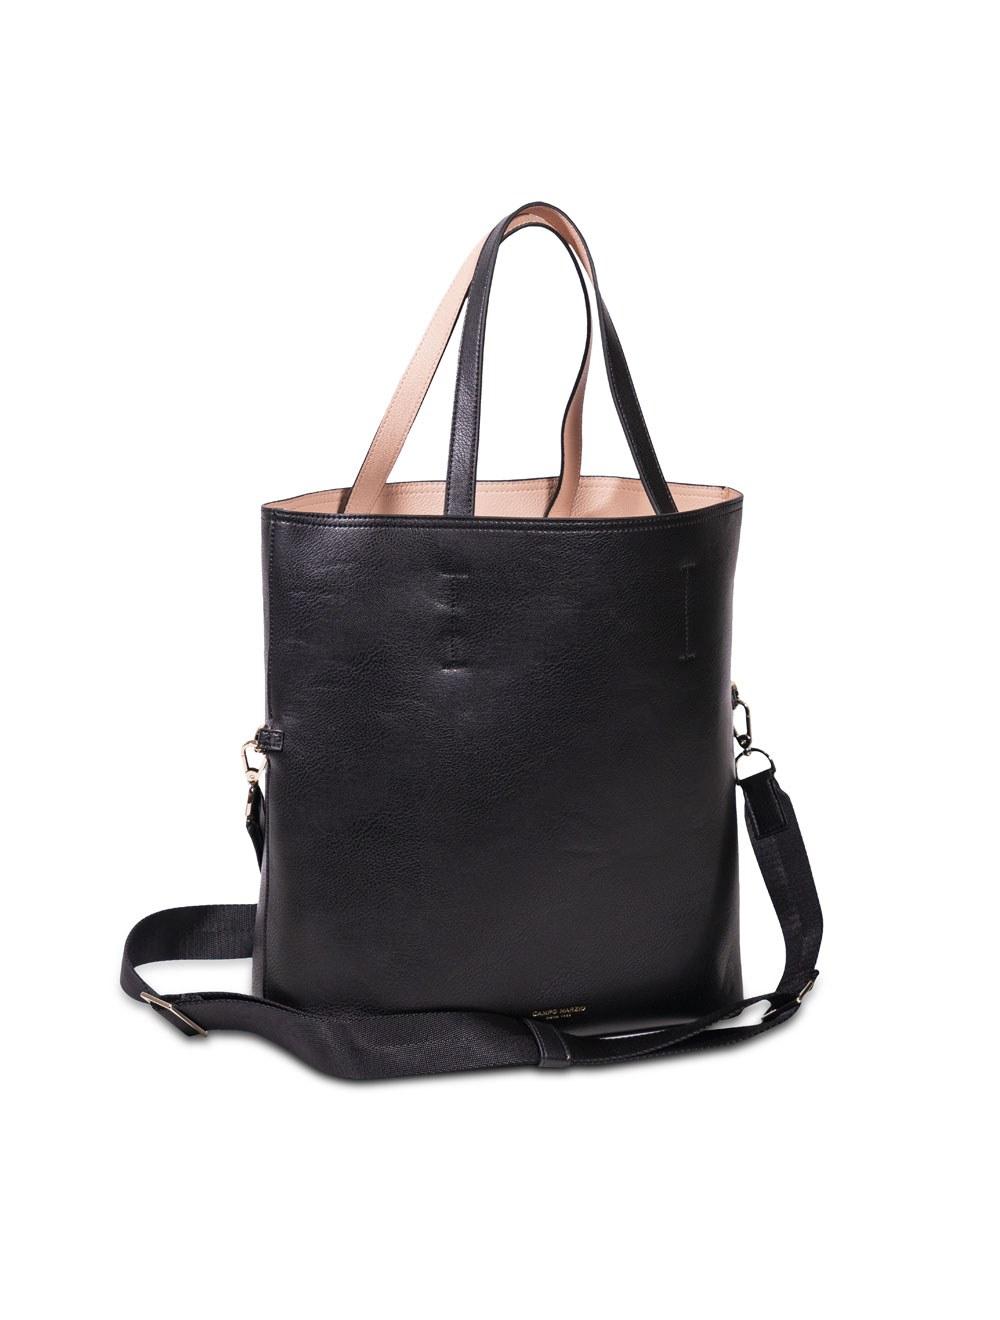 Reversible Tote Bag - Black